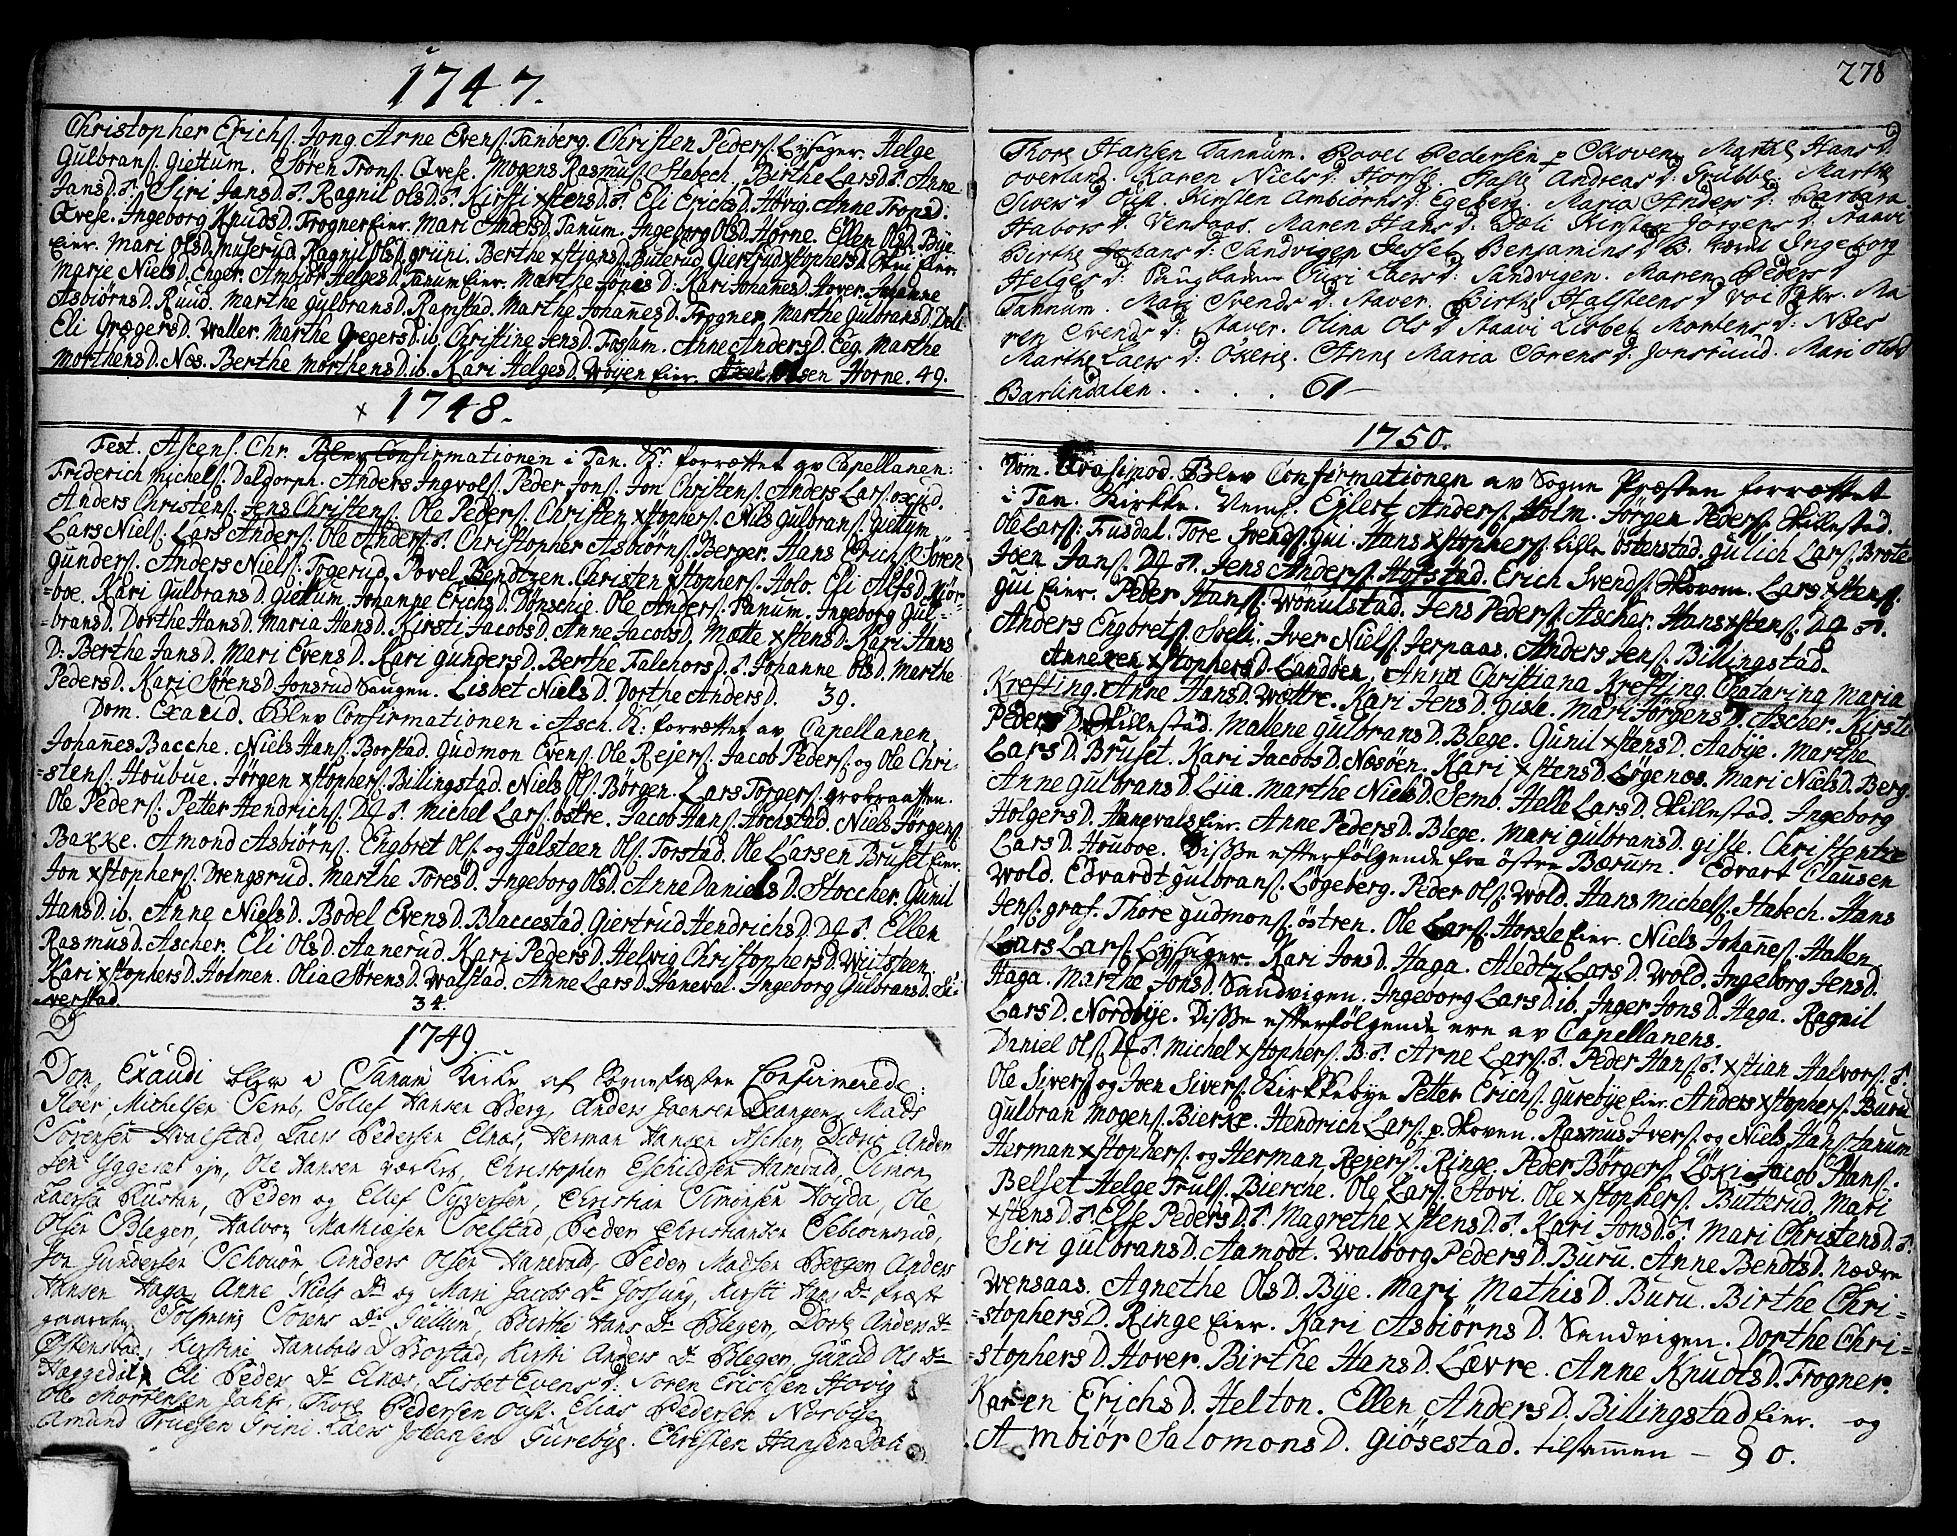 SAO, Asker prestekontor Kirkebøker, F/Fa/L0002: Ministerialbok nr. I 2, 1733-1766, s. 278